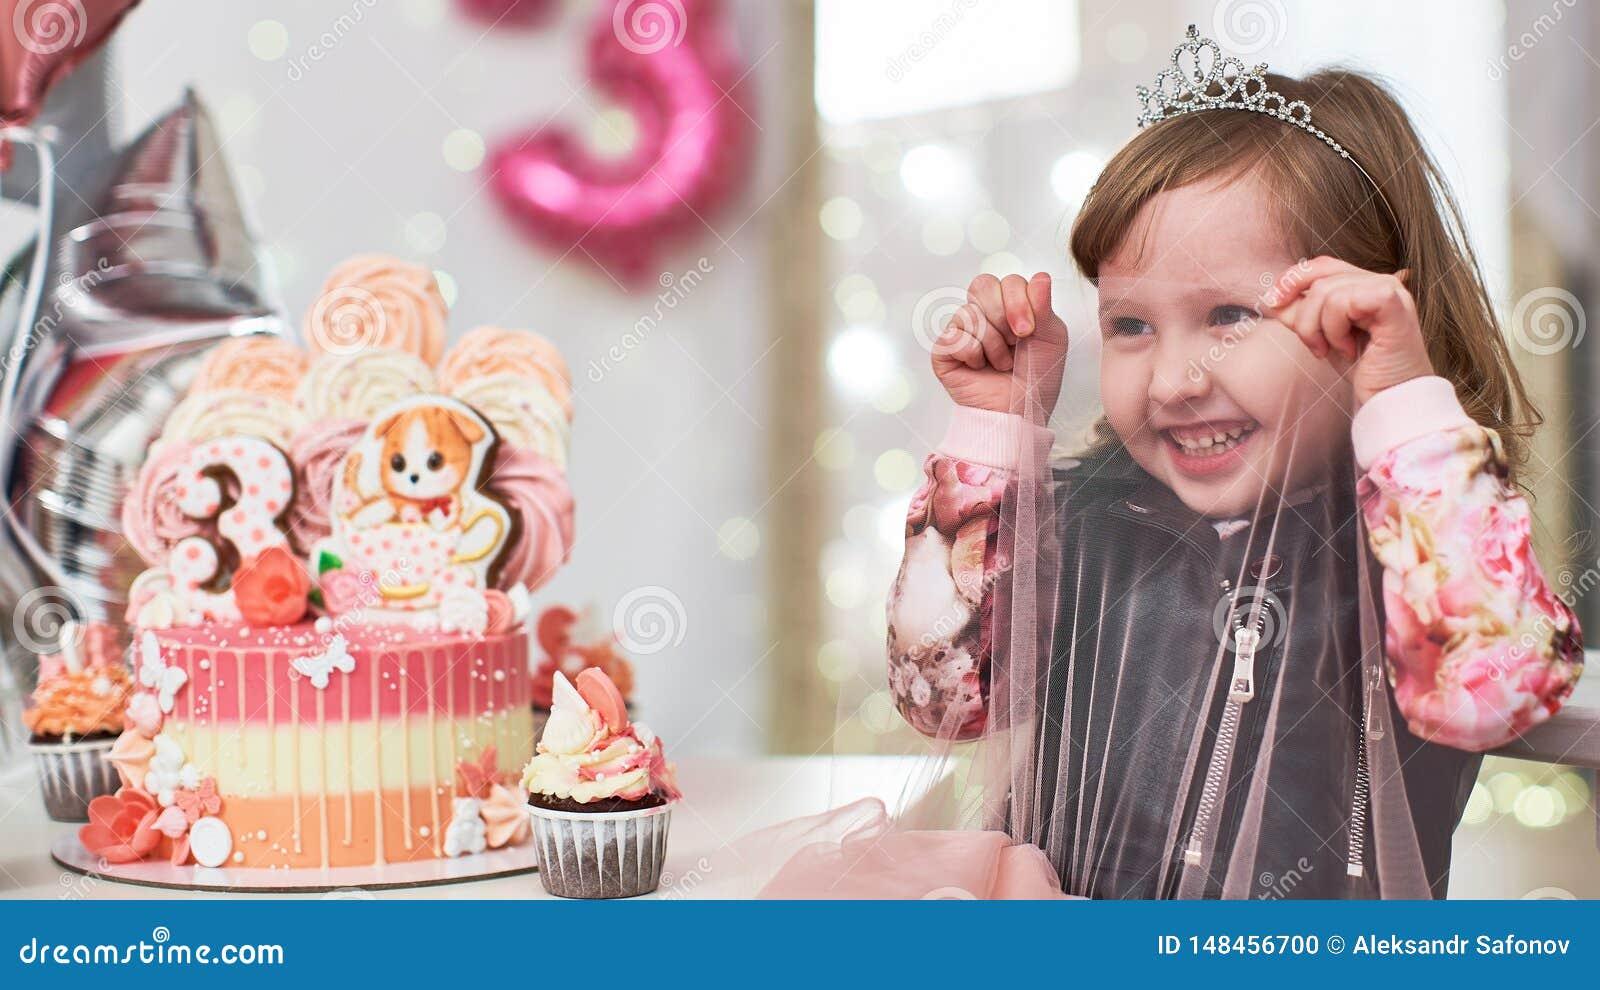 Bolo de aniversário por 3 anos decorado com borboletas, gatinho do pão-de-espécie com crosta de gelo e o número três merengue pál